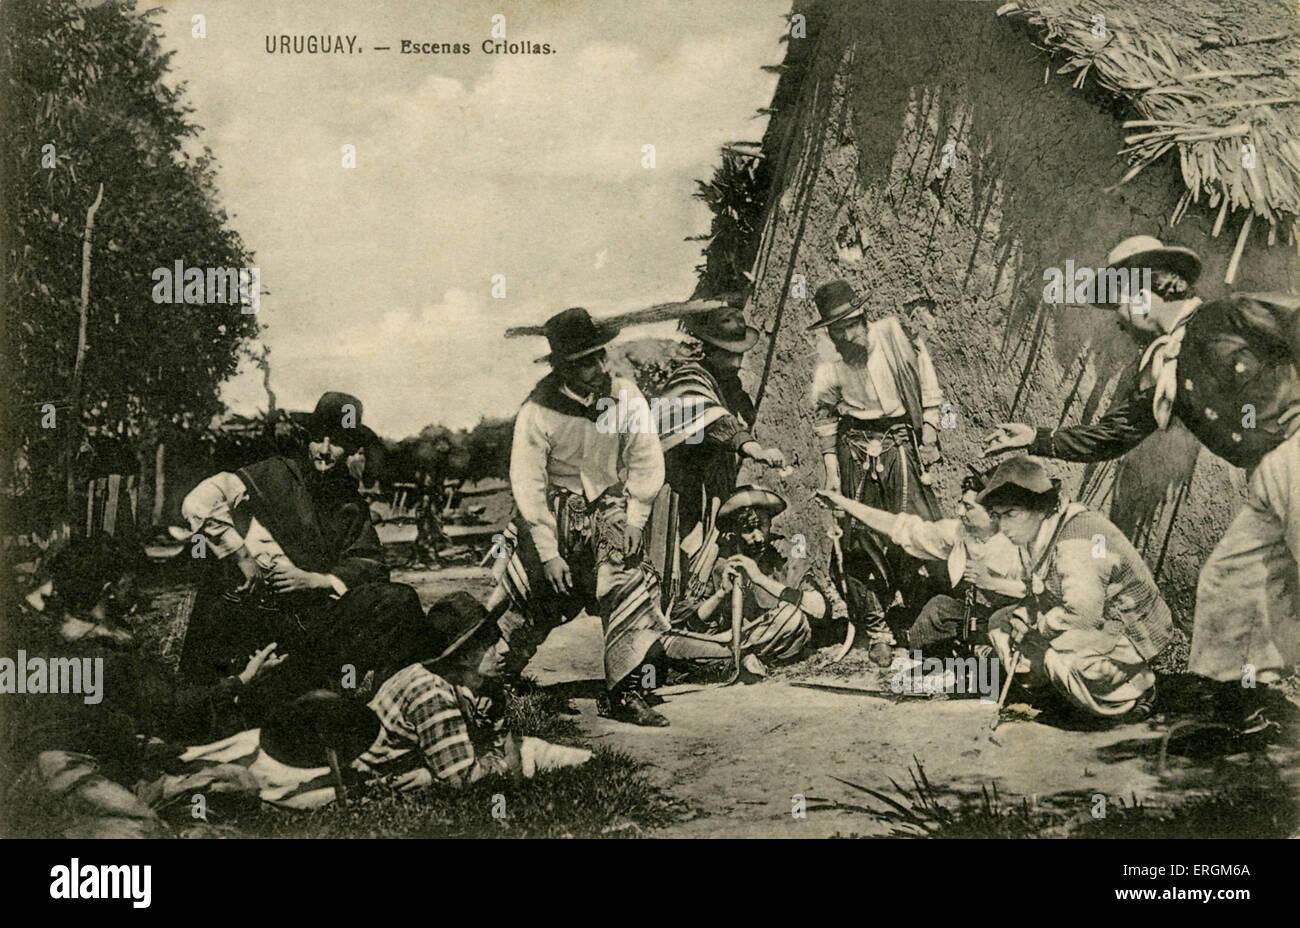 Carte postale du début du xxe siècle de gauchos Uruguay/ cow-boys. Photo Stock